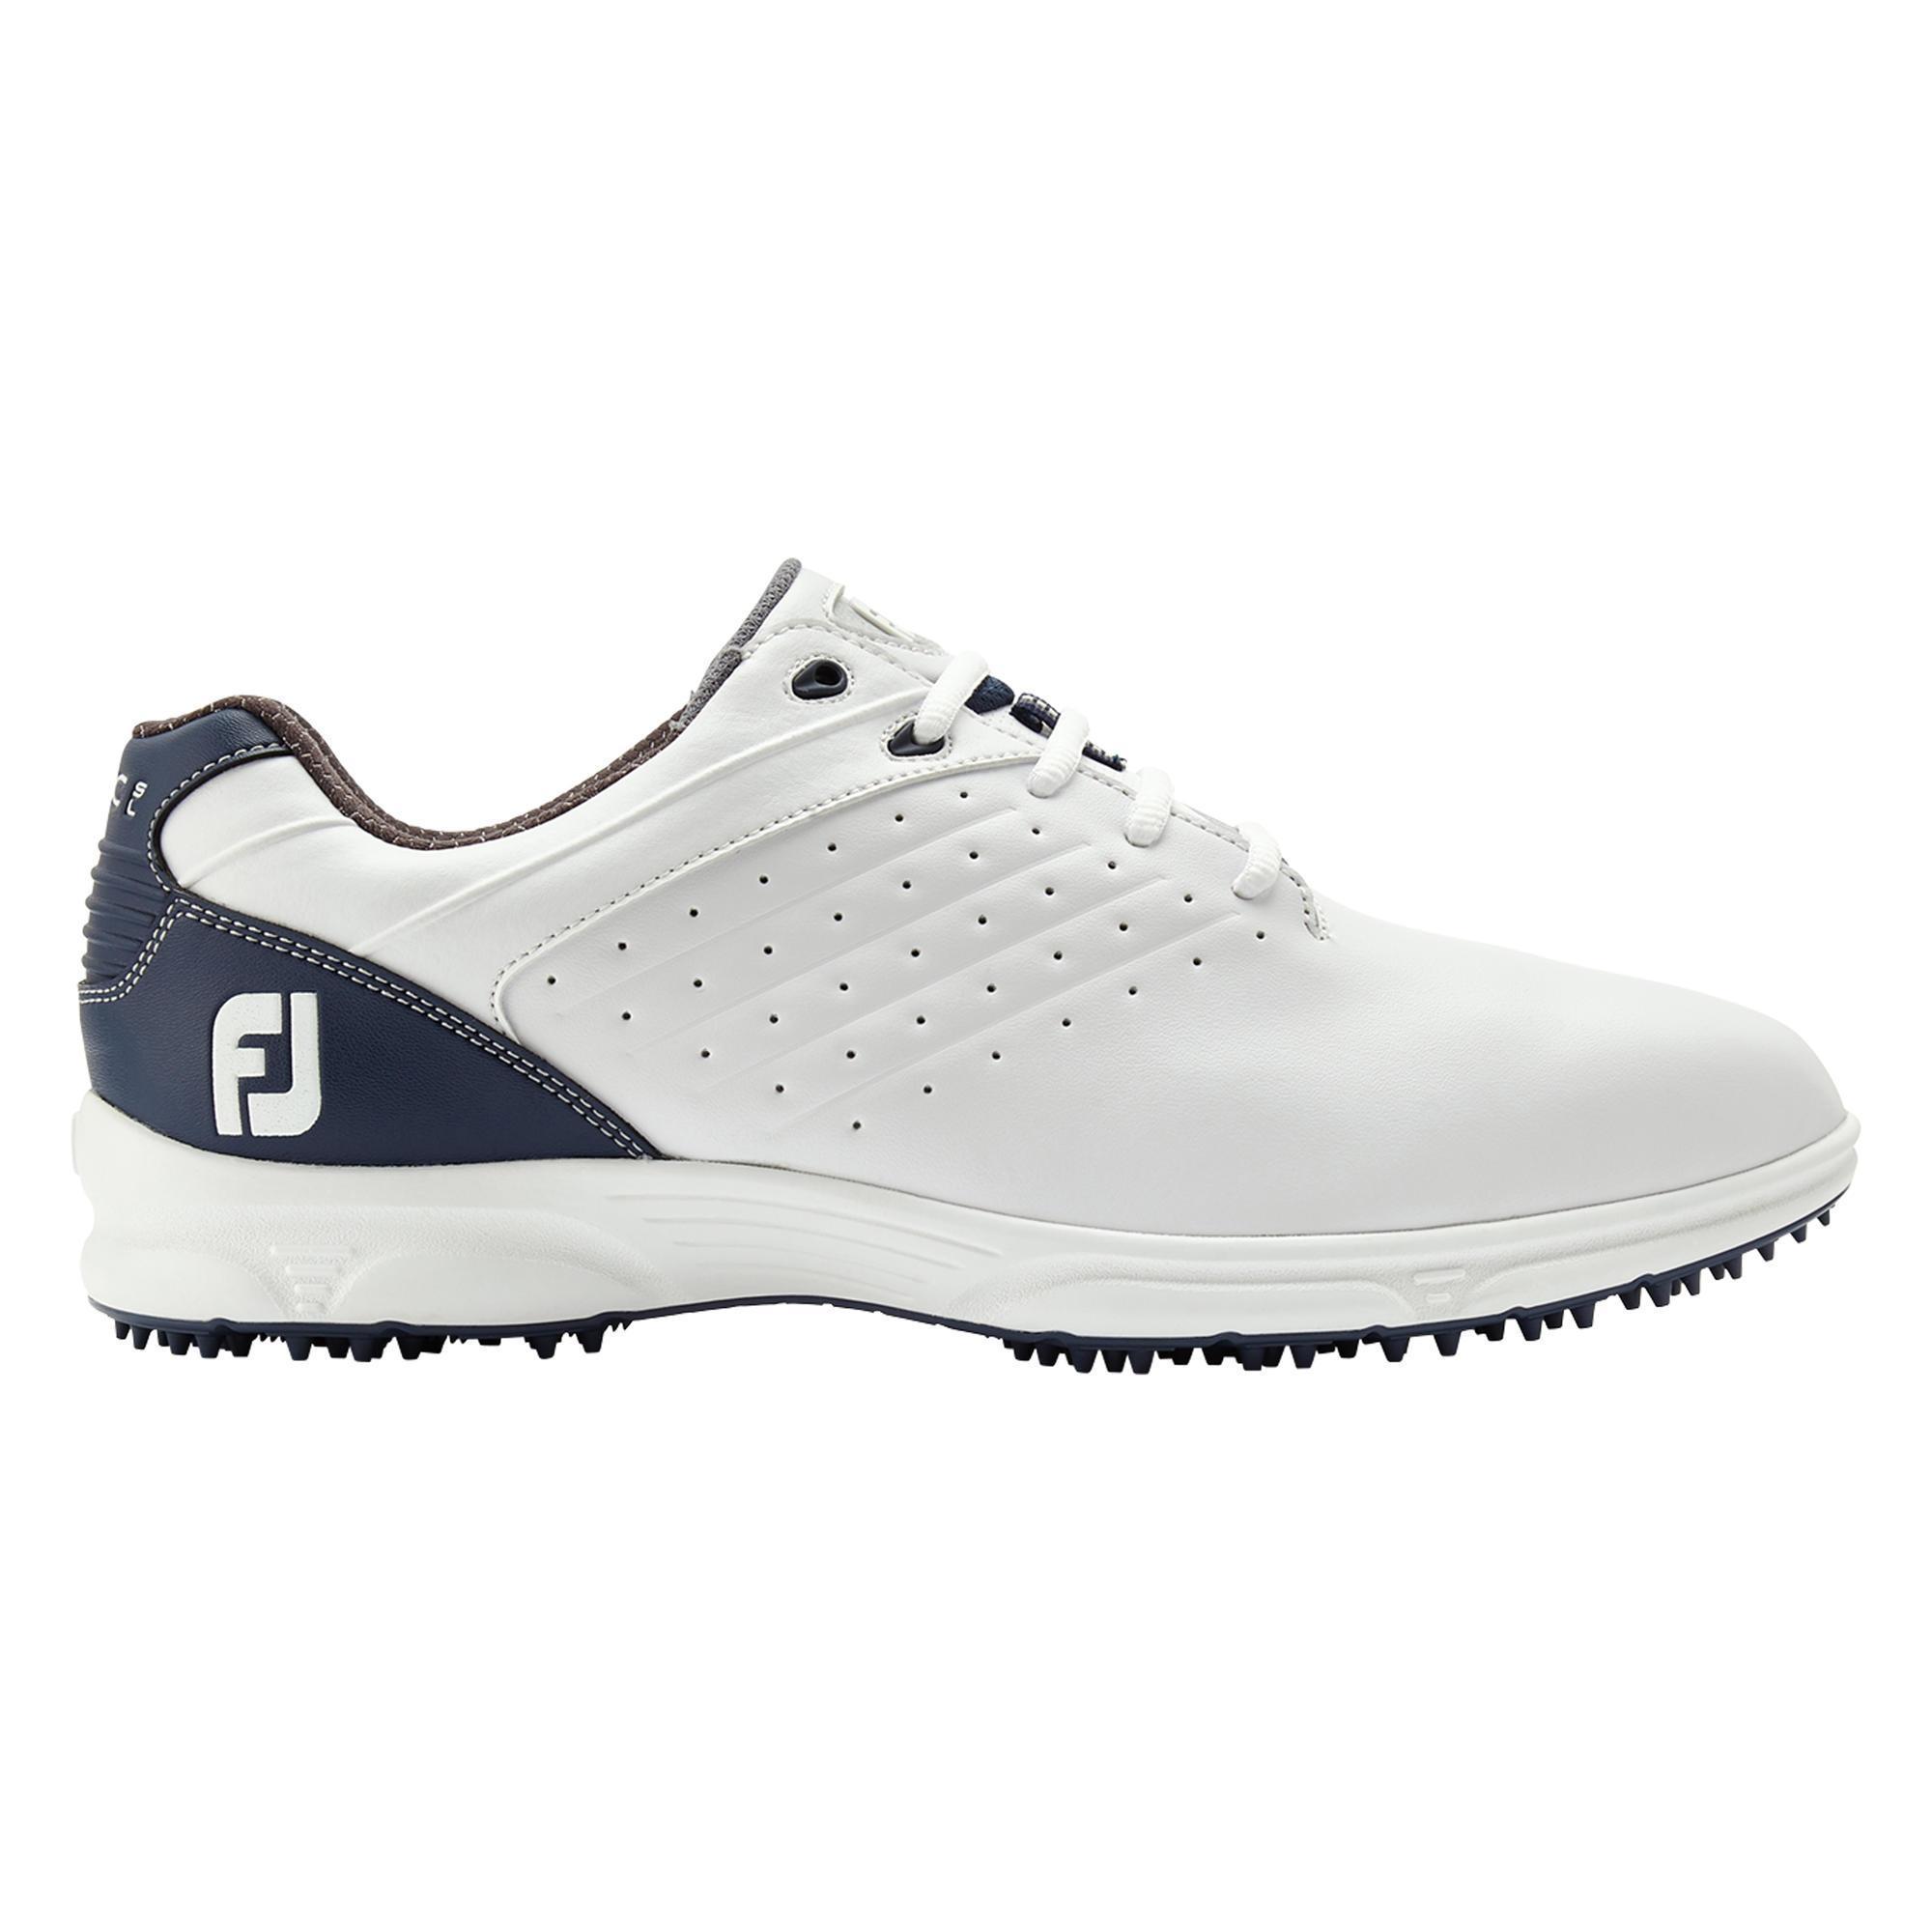 Footjoy Golfschoenen voor heren Arc SL wit/marineblauw kopen